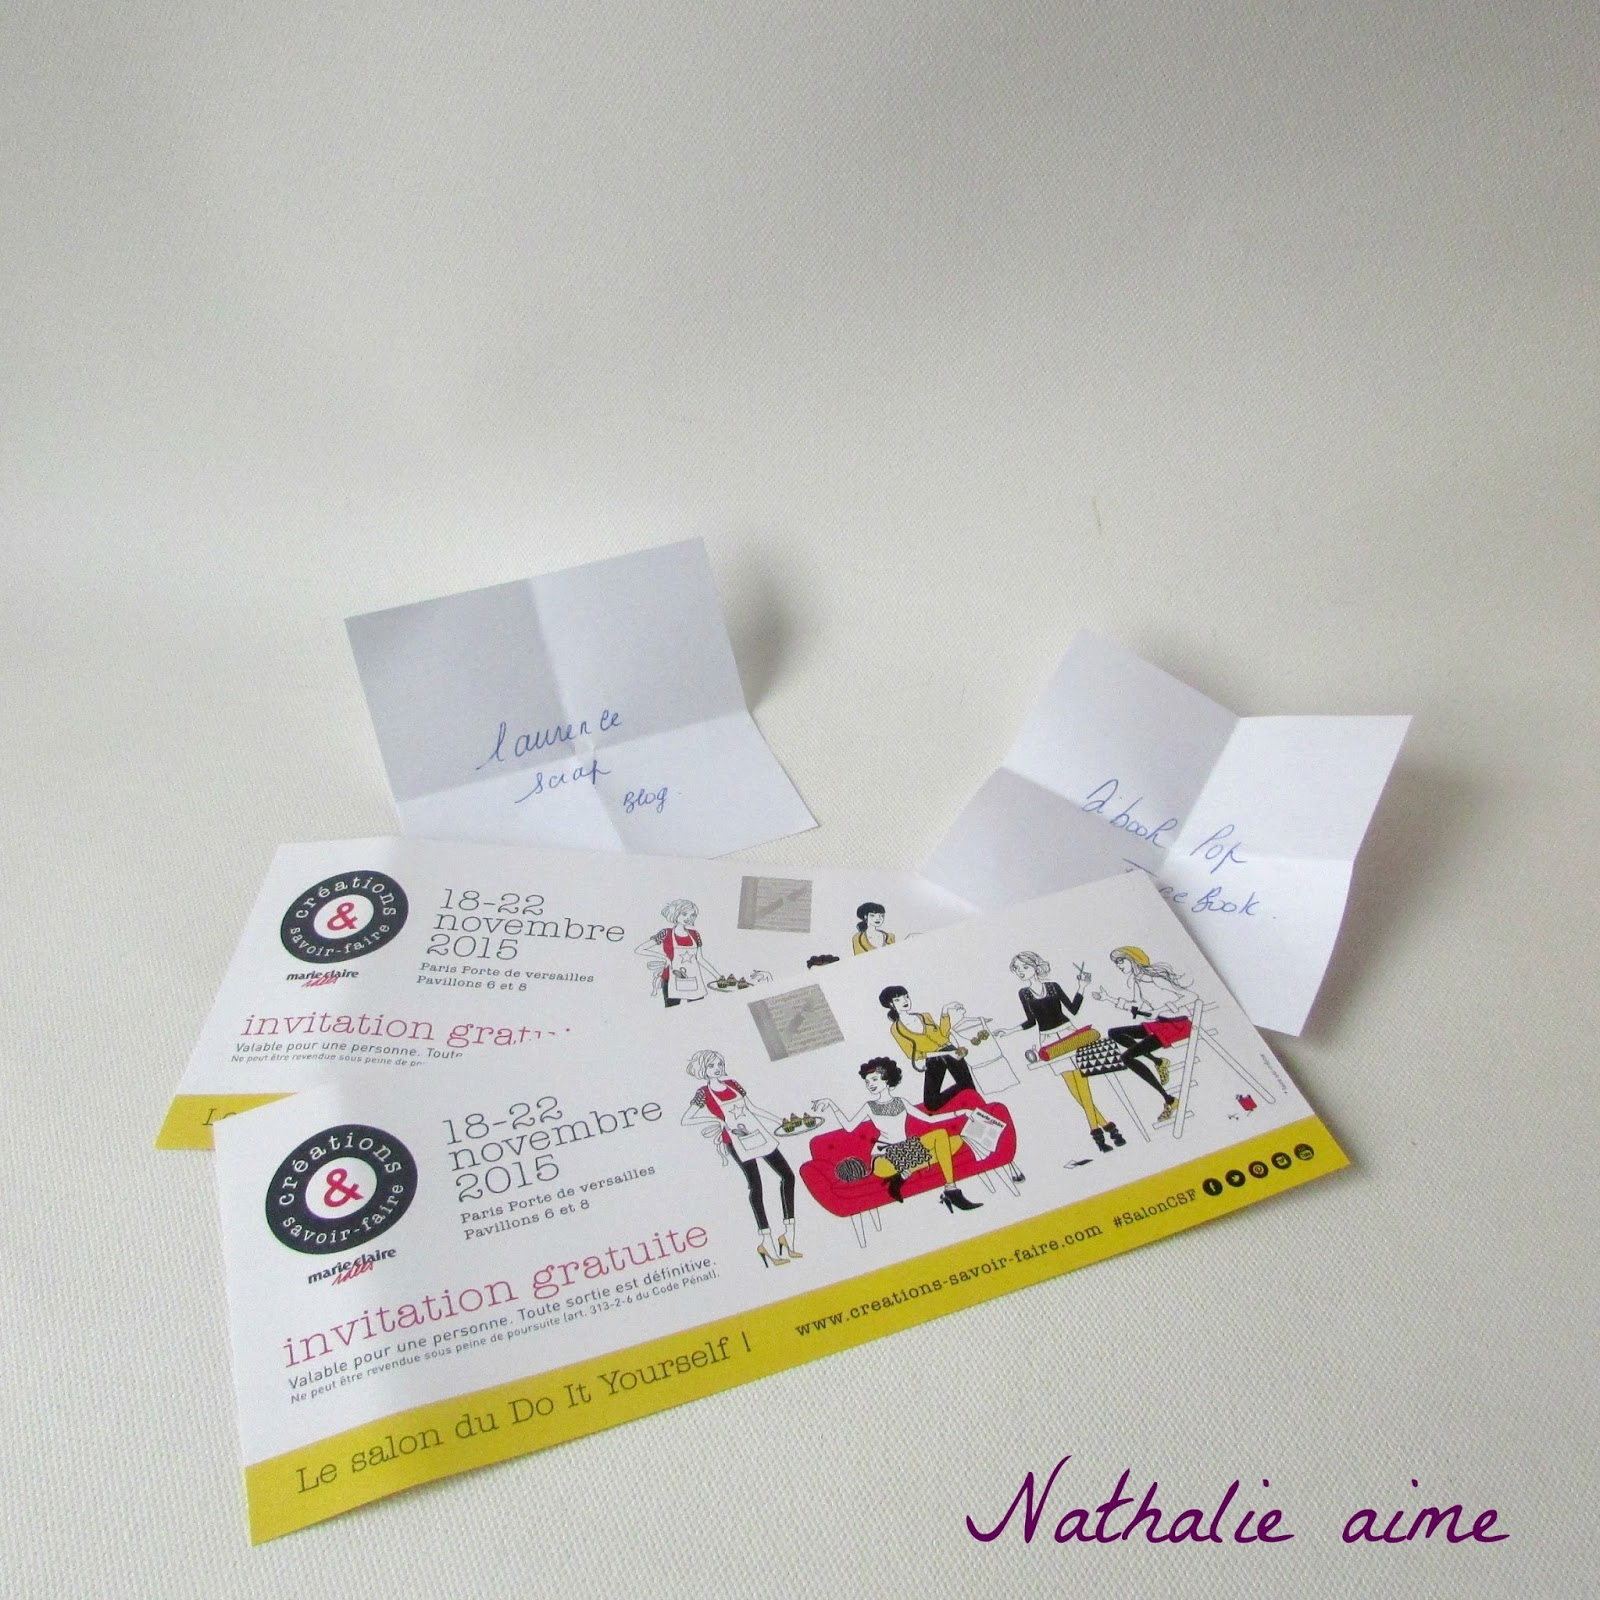 Nathalie m elles gagnent une invitation pour le salon - Salon creations savoir faire invitation ...